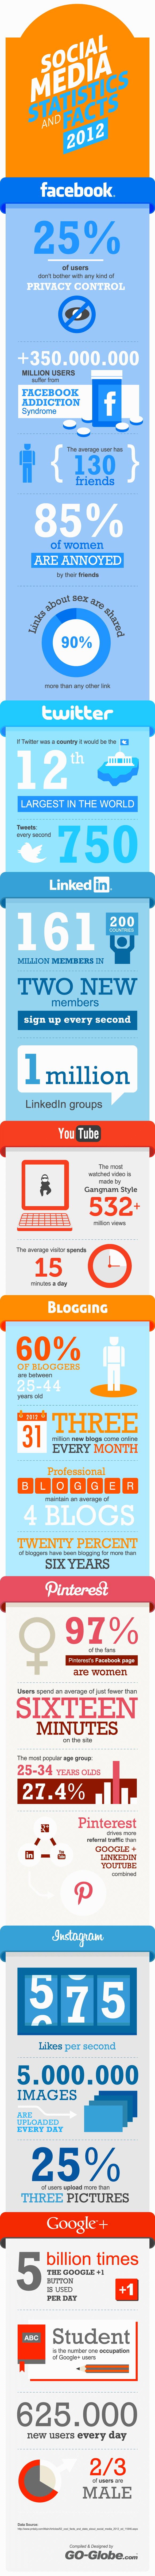 Sosyal Medya İstatistikleri ve Gerçekleri 2012